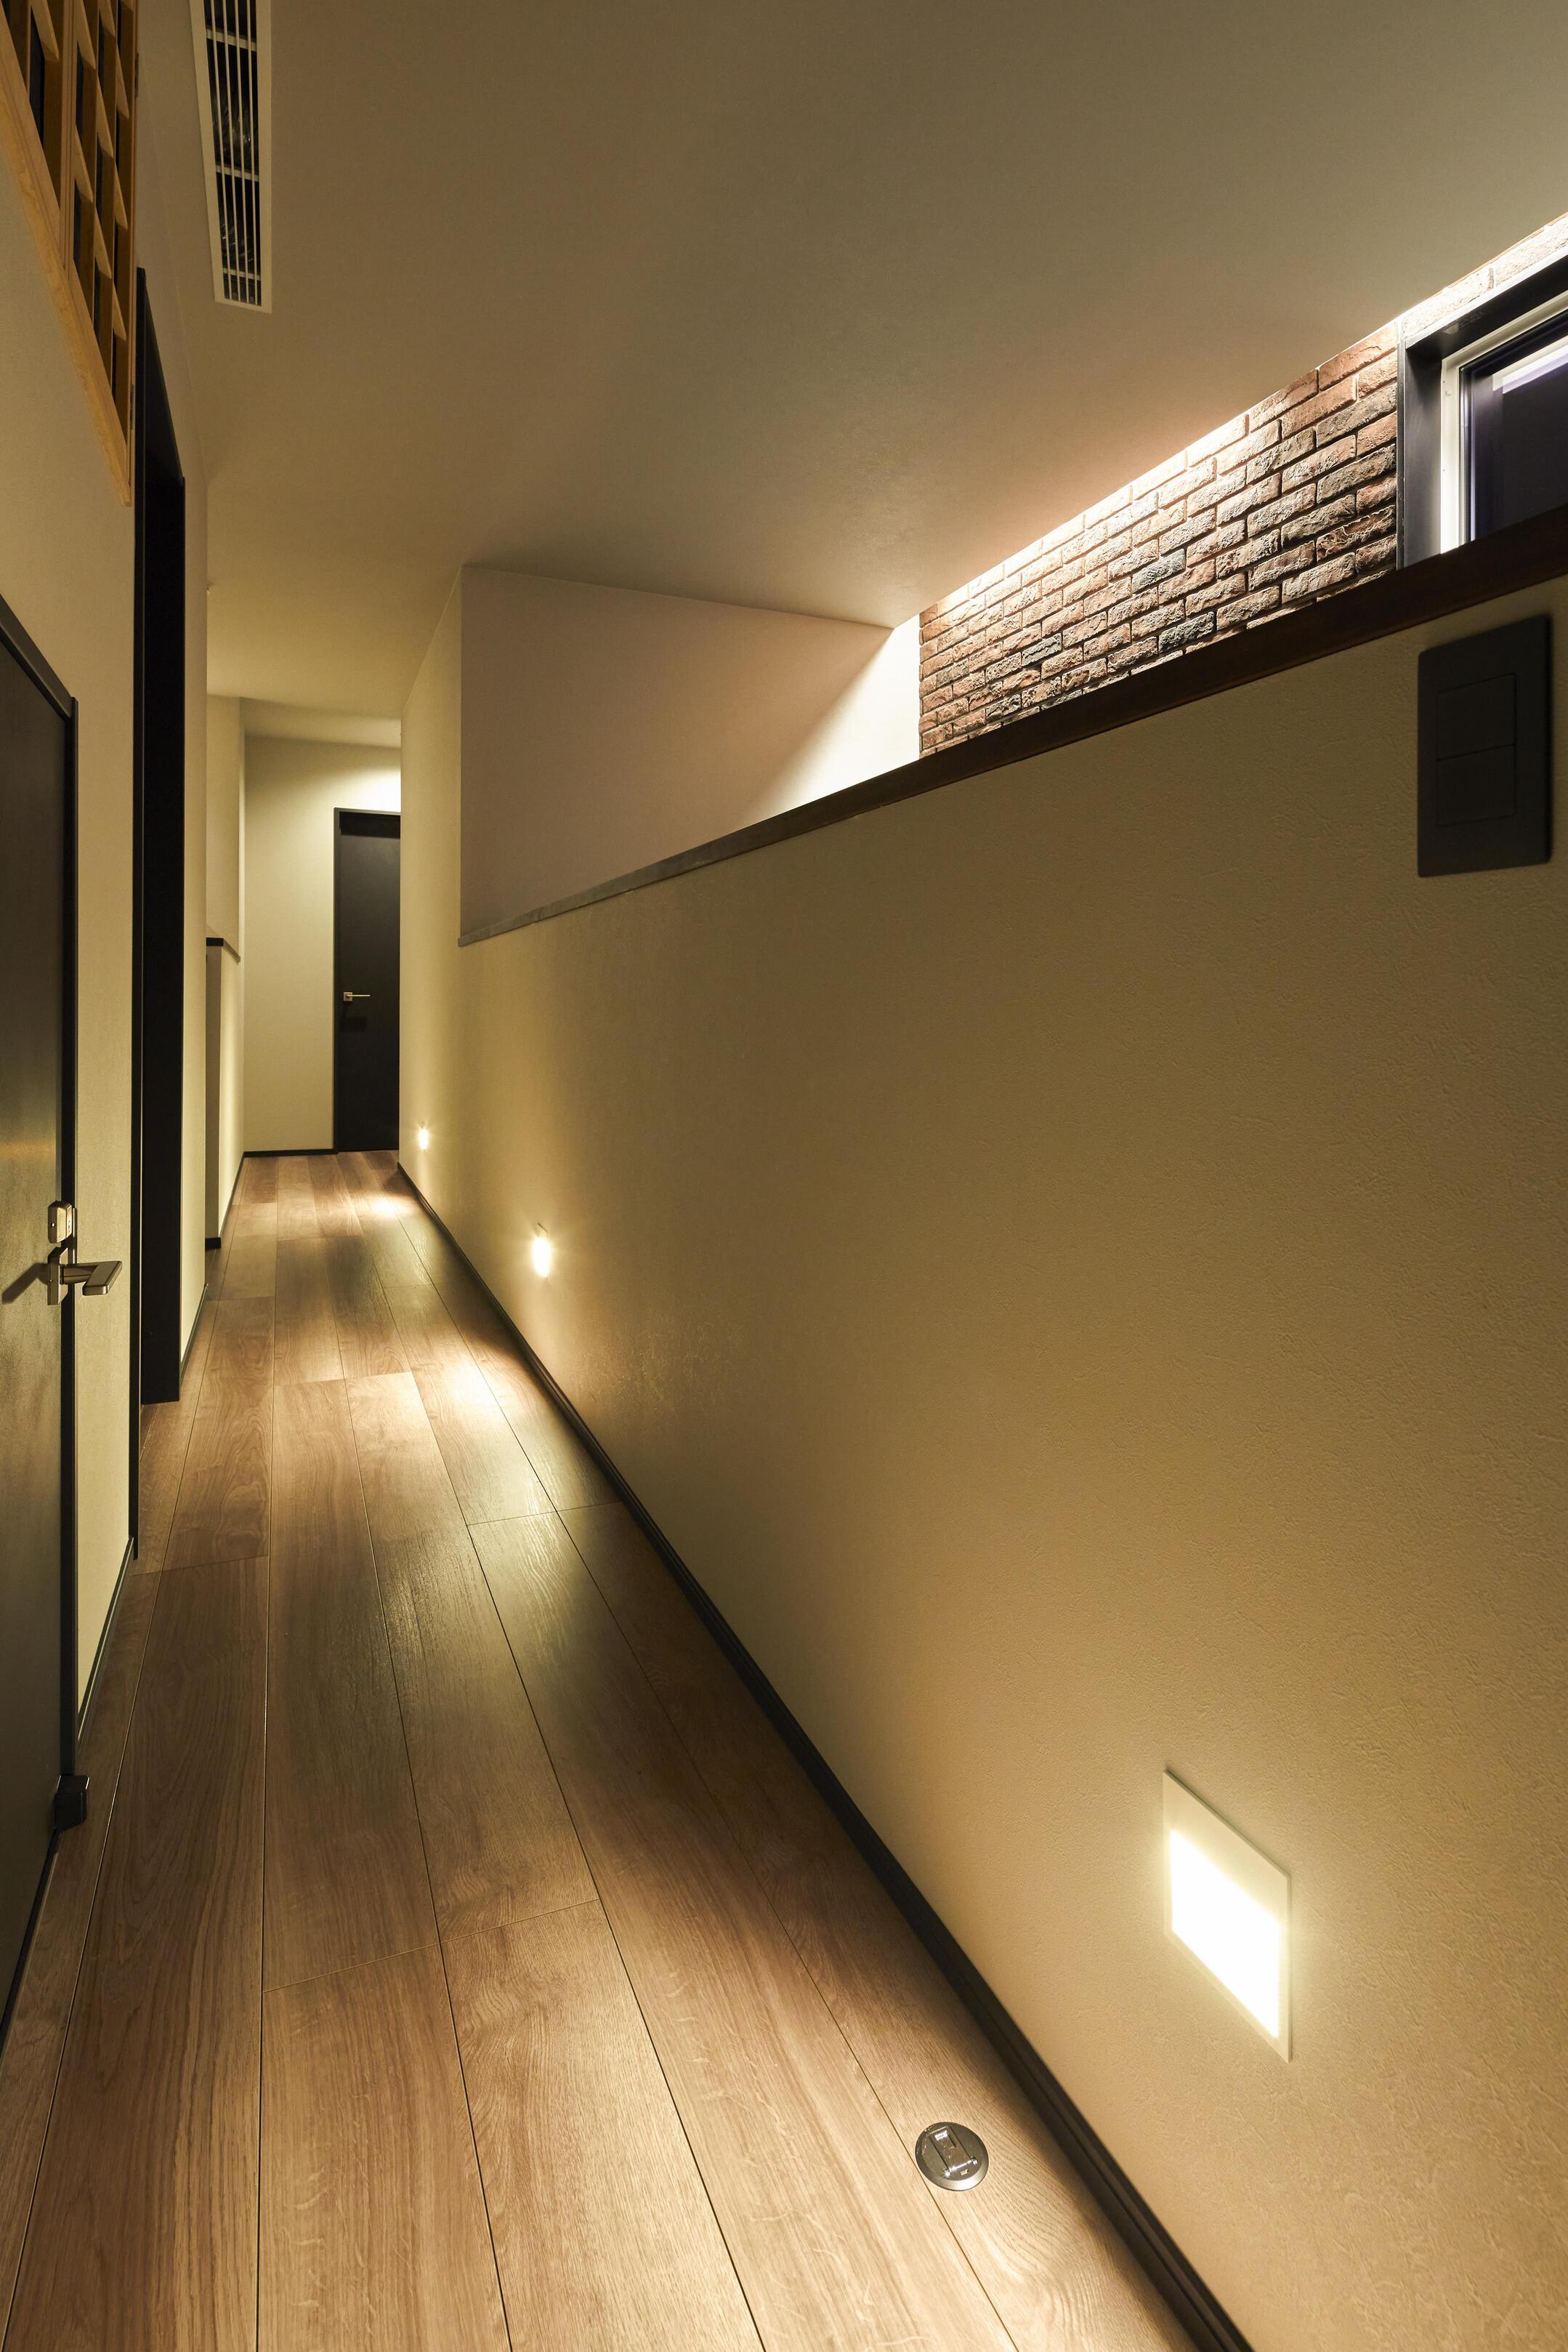 余計な光を吹抜けに届かせないために、足元部分に廊下照明を配置